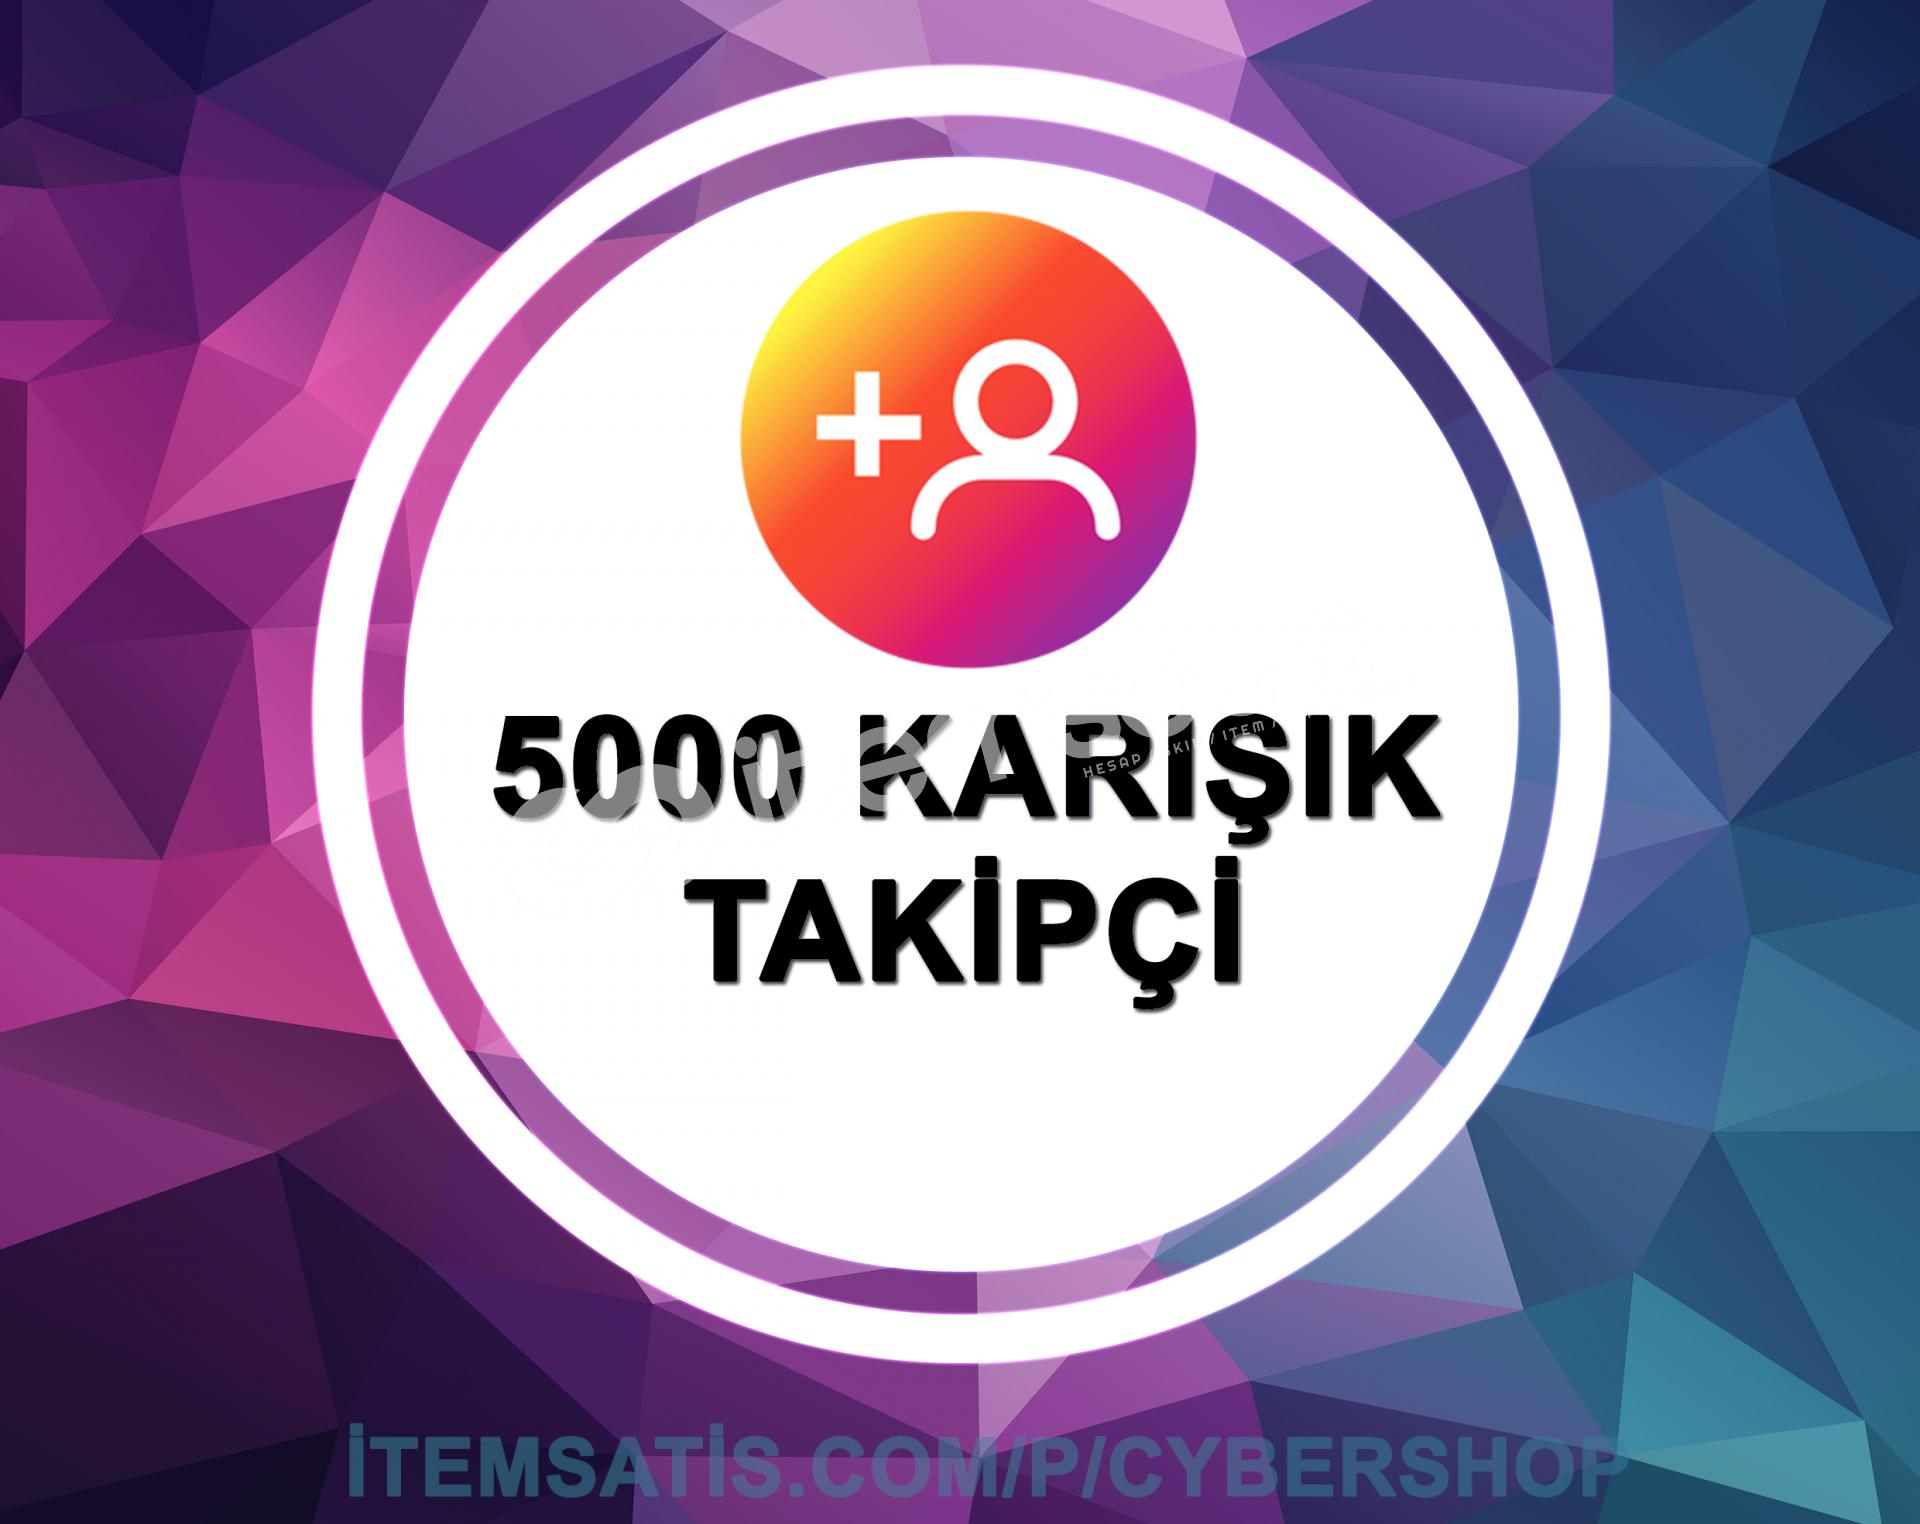 5000 İnstagram Takipçi Paketi